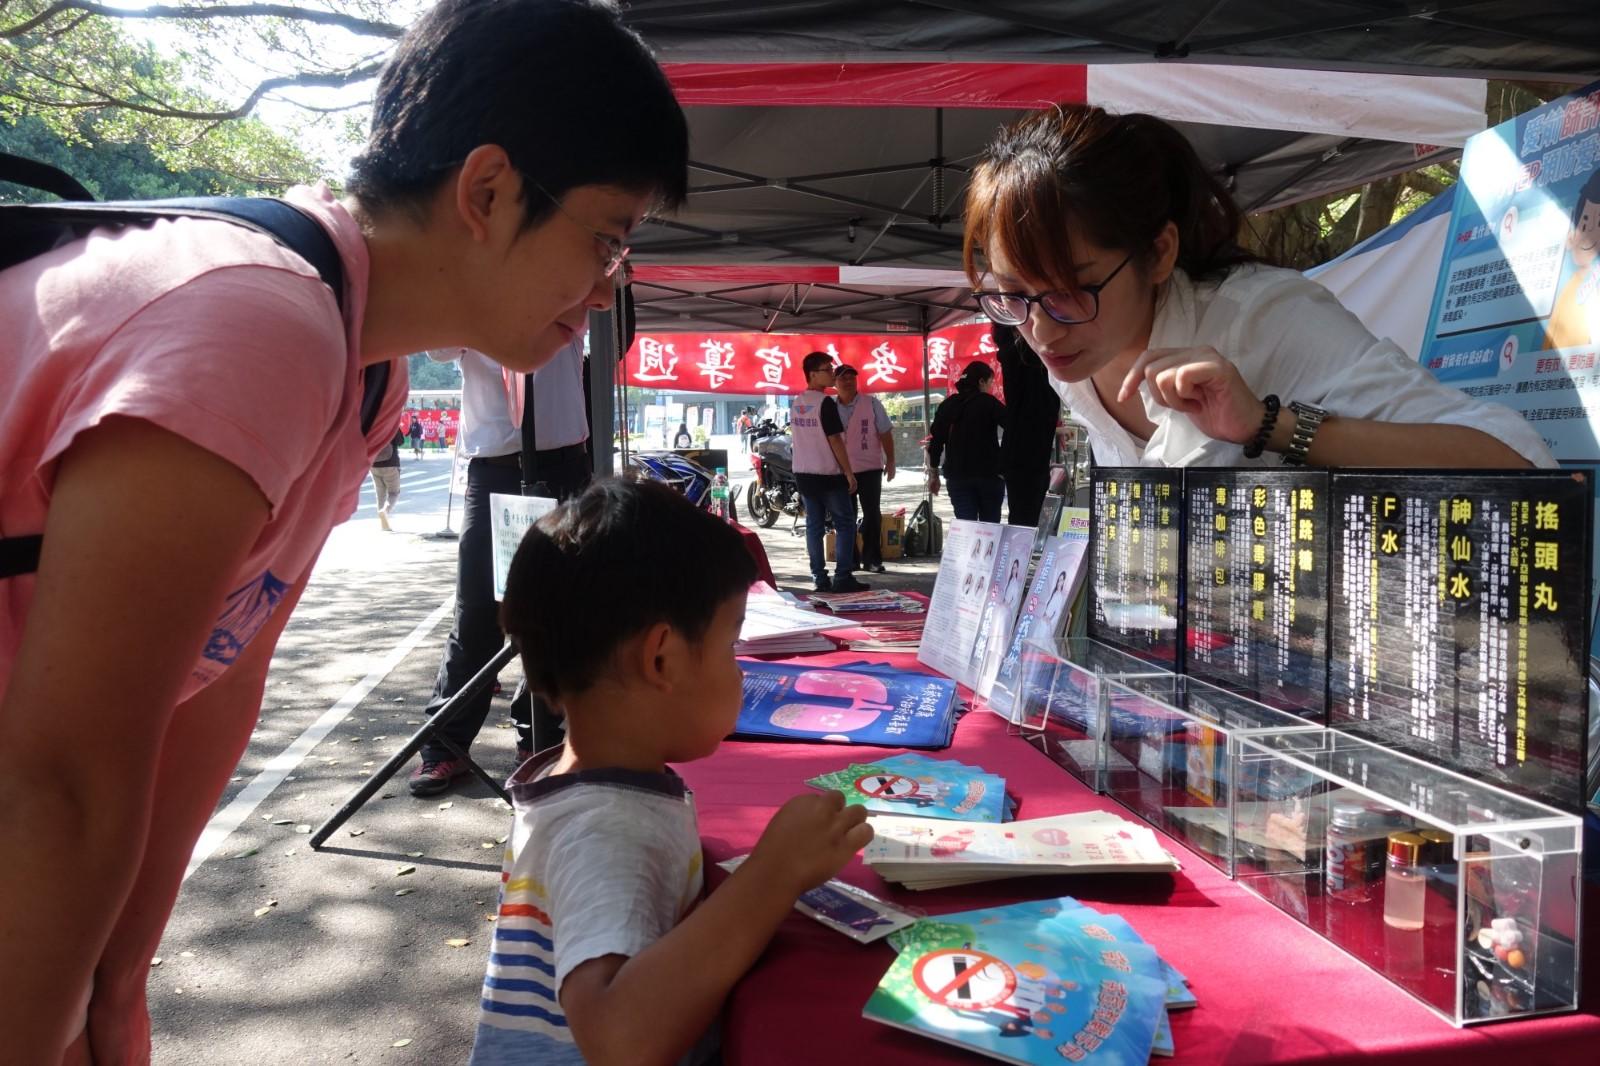 中原大學附近民眾帶著孩子參觀攤位,從小建立反毒的觀念。.jpg